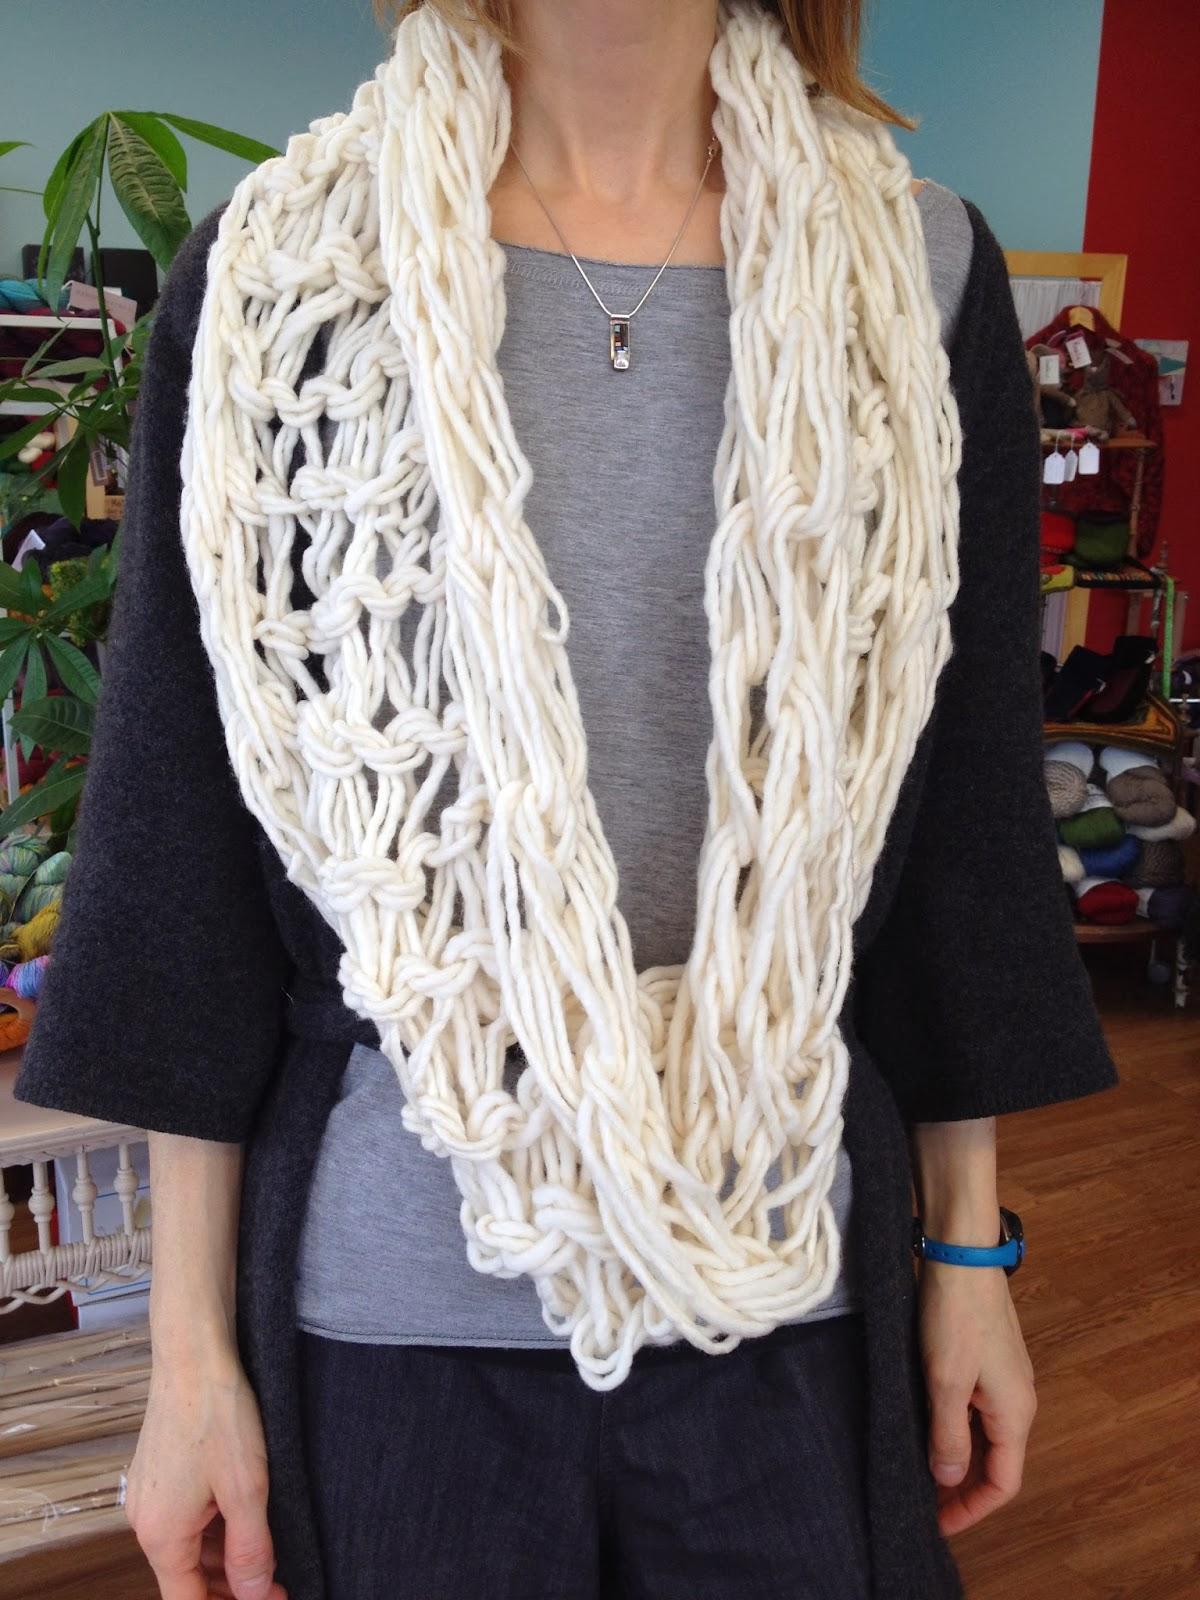 La julie factrie atelier boutique laine tricot nicolet col g ant tricoter a - Tricoter sans aiguilles ...